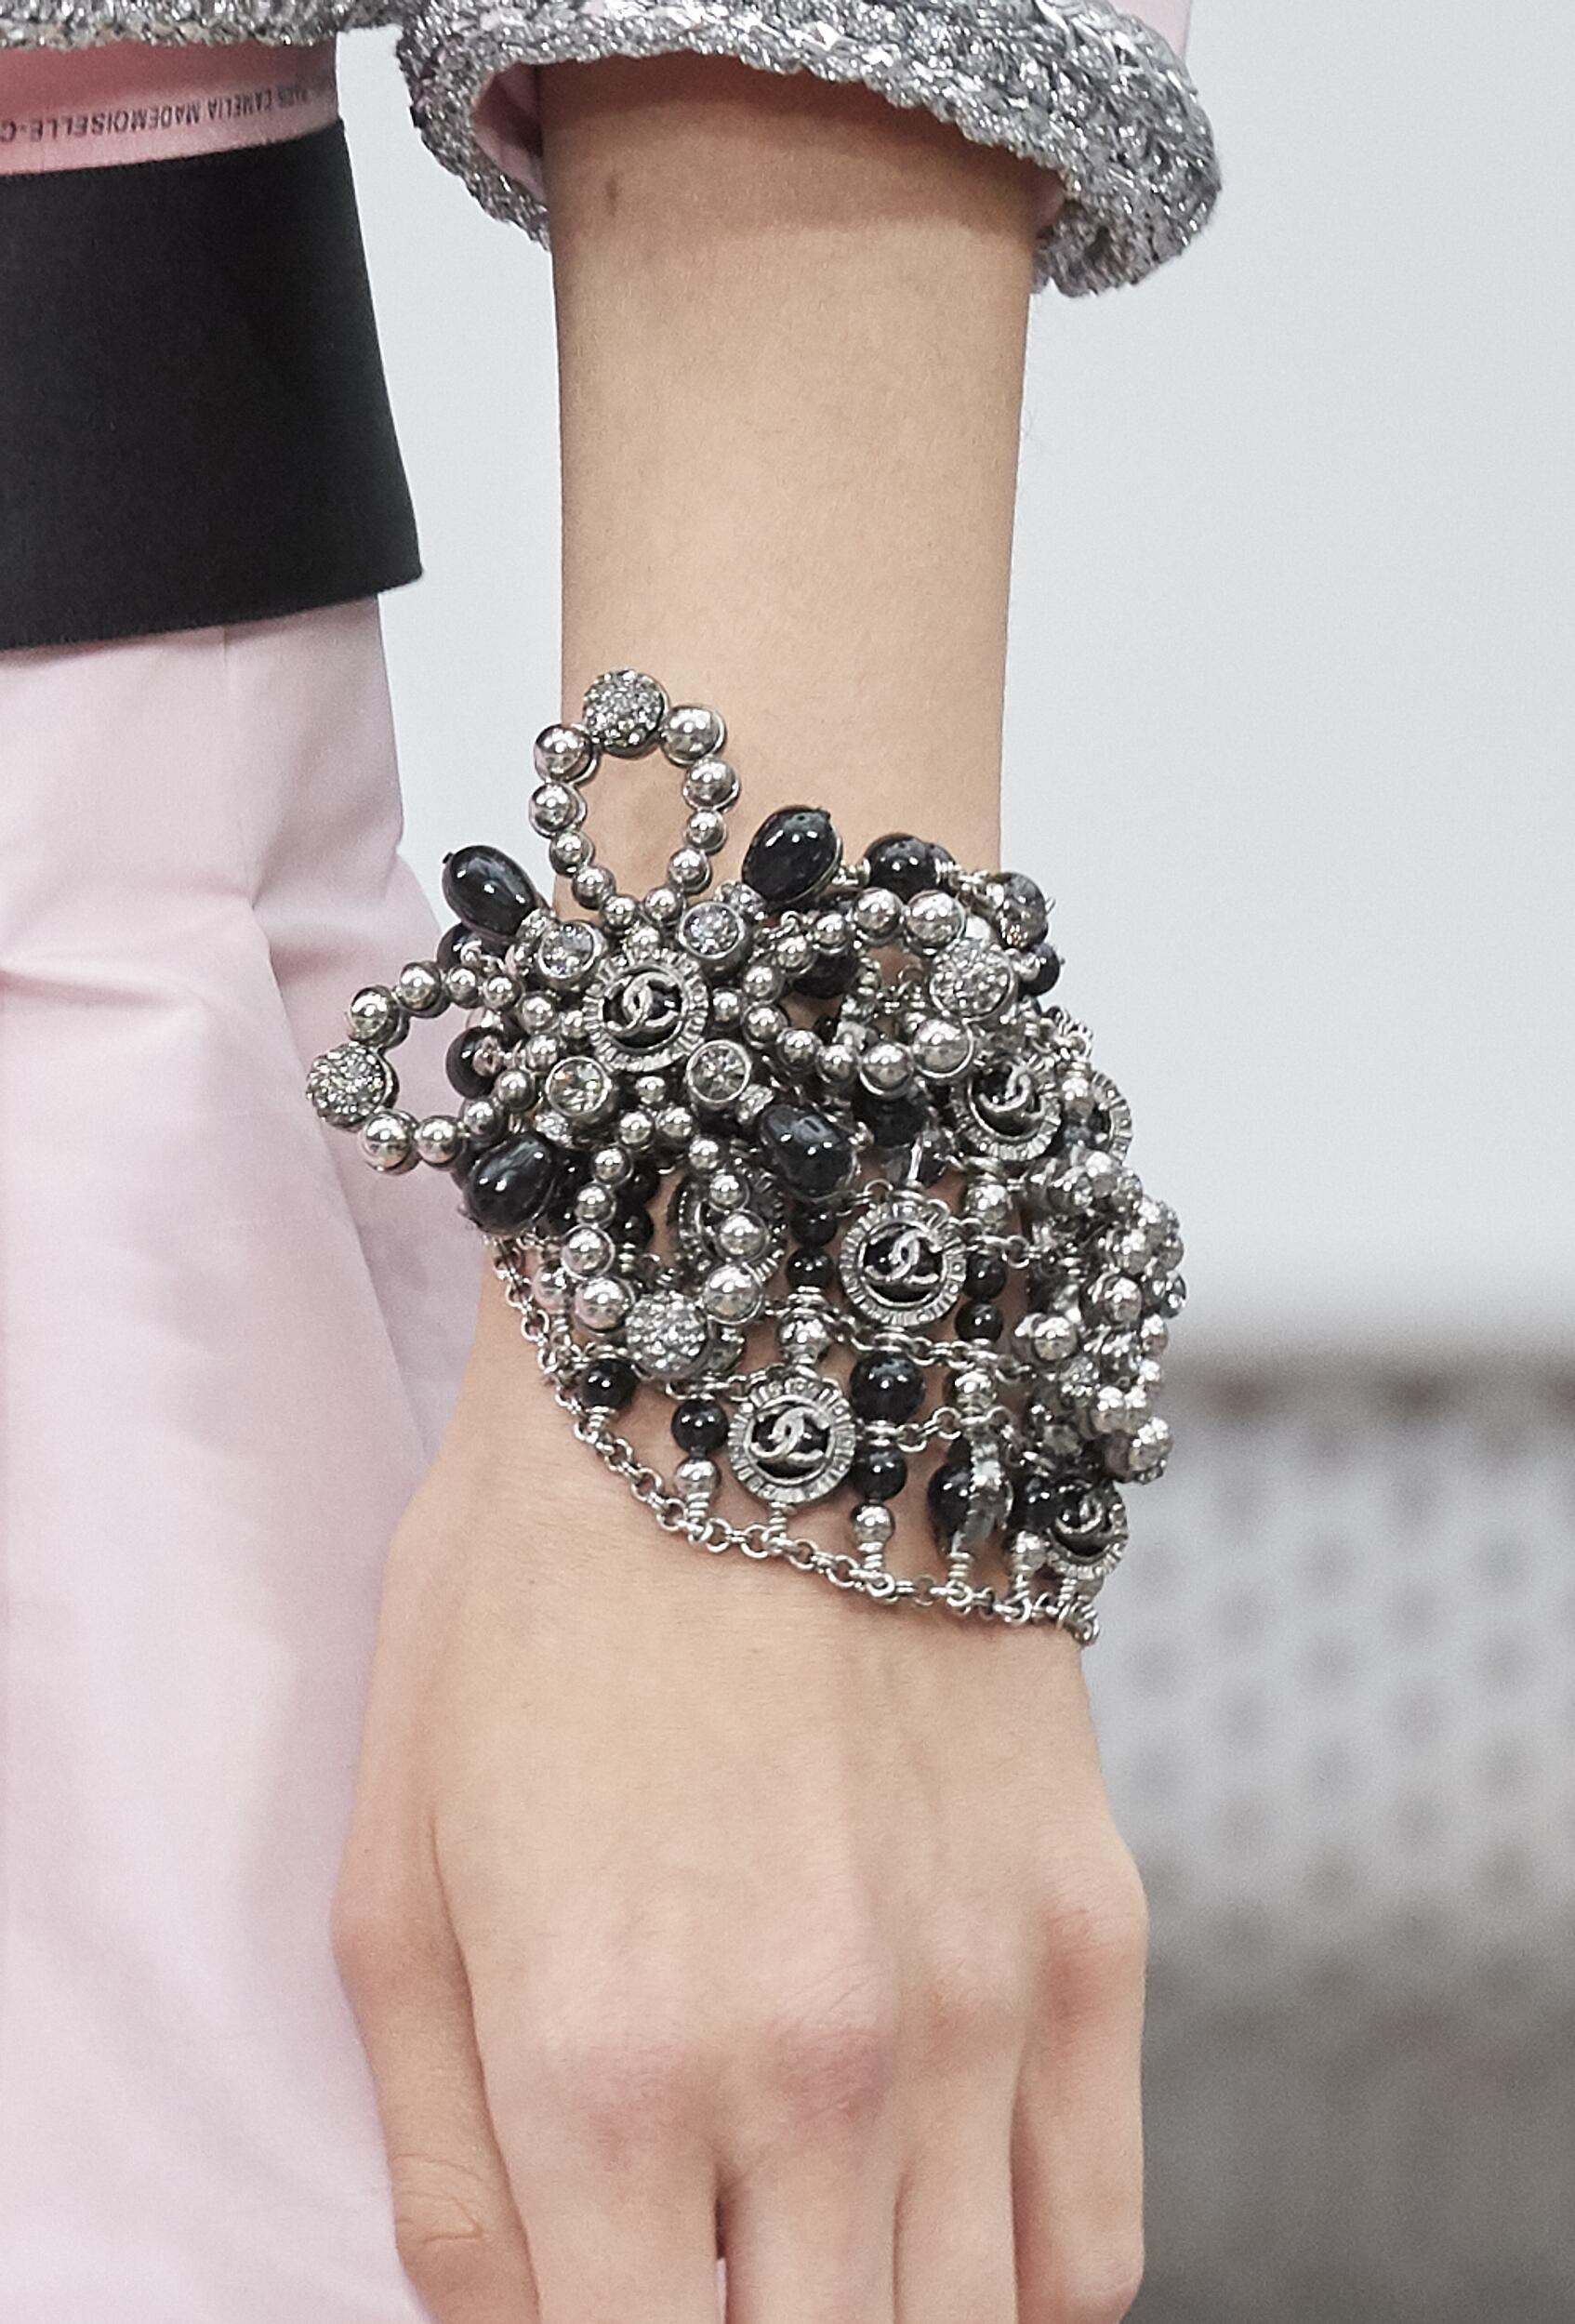 Chanel 2020 Bracelet Paris